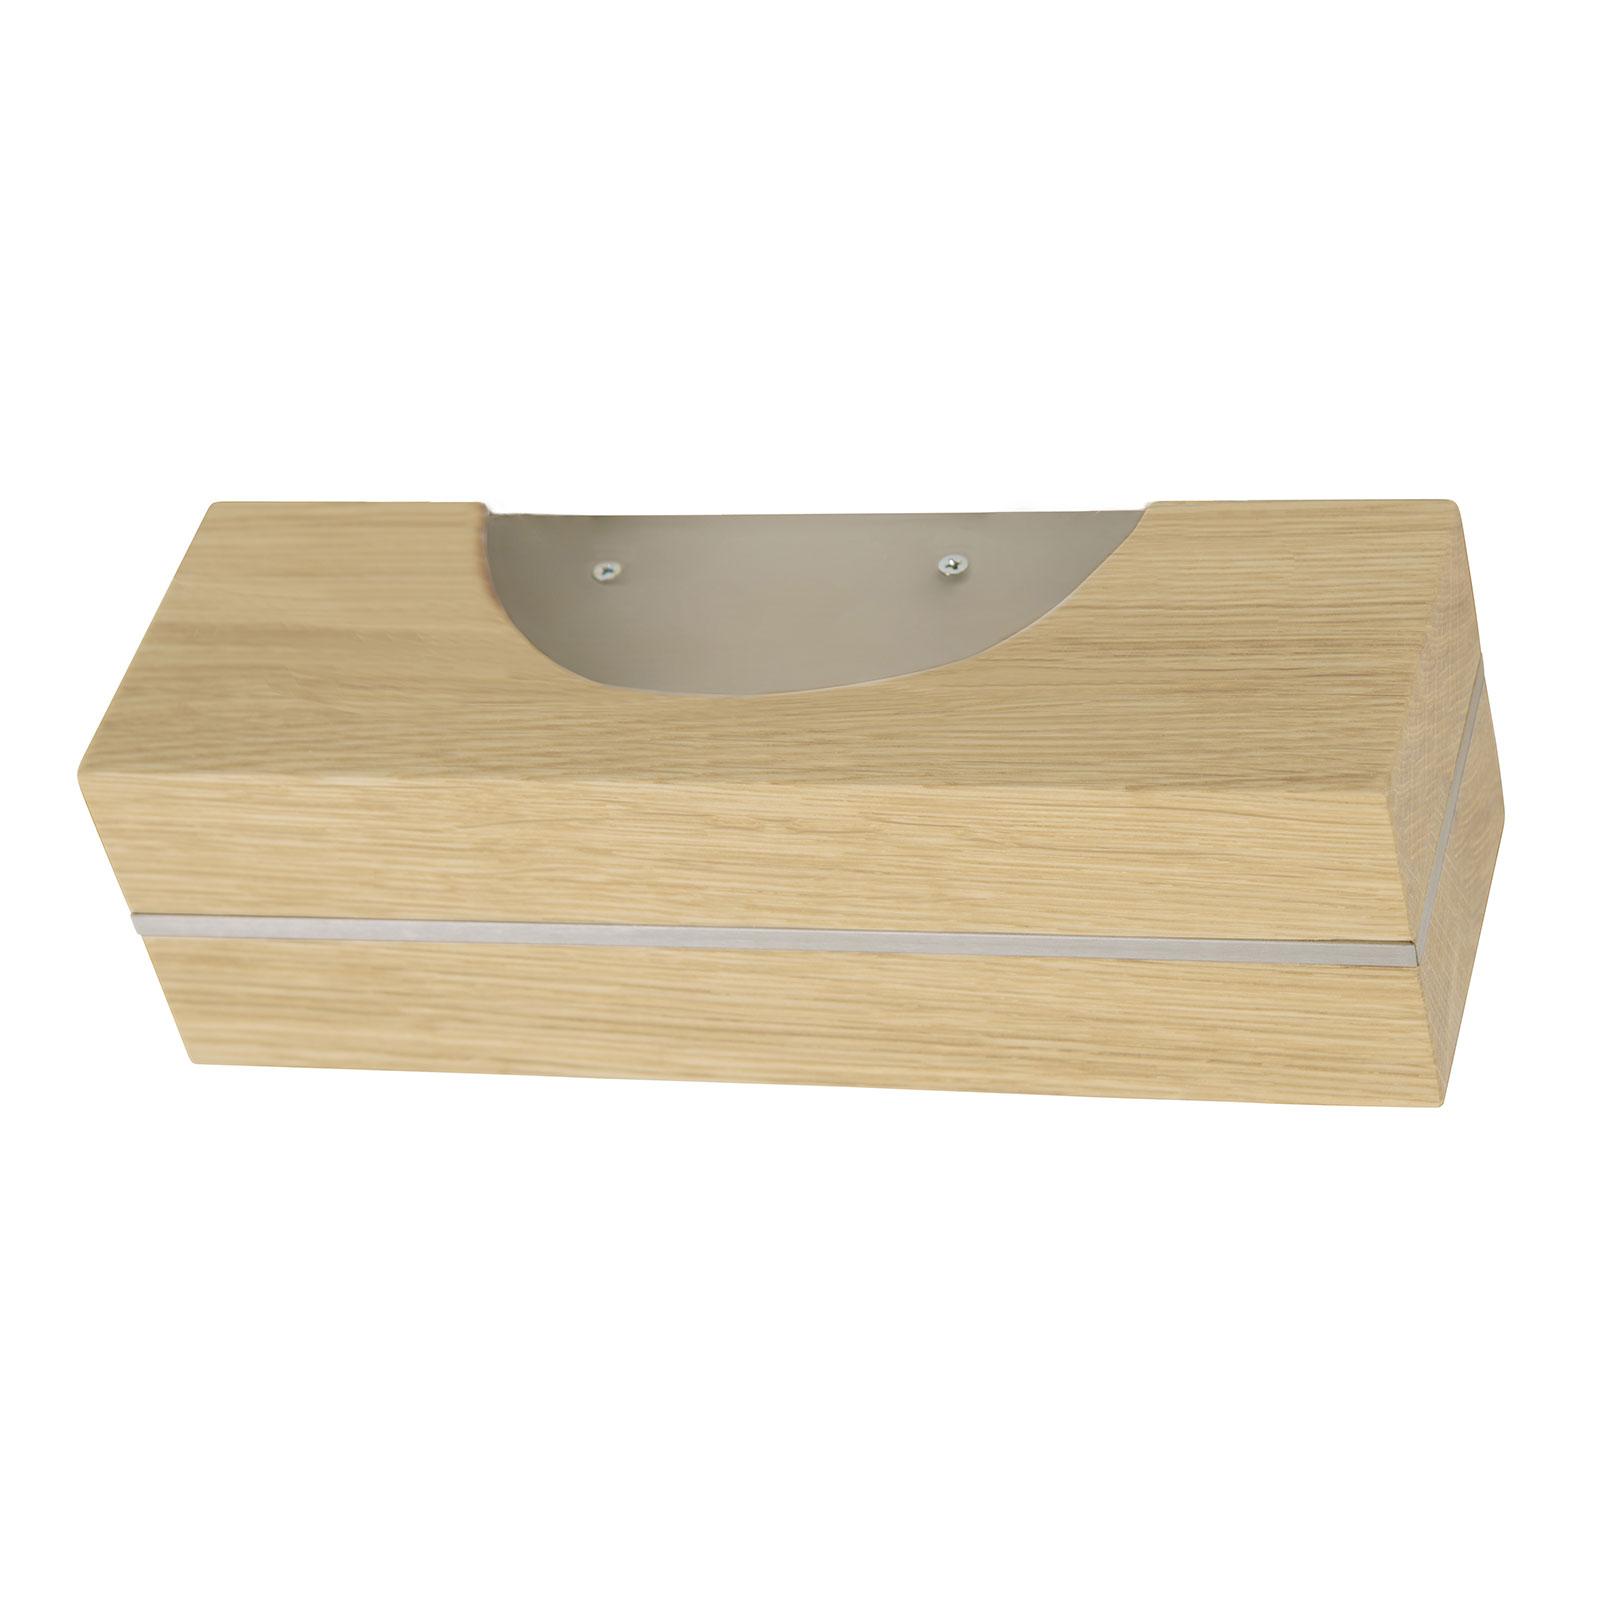 HerzBlut Dana applique LED chêne naturel, nickel